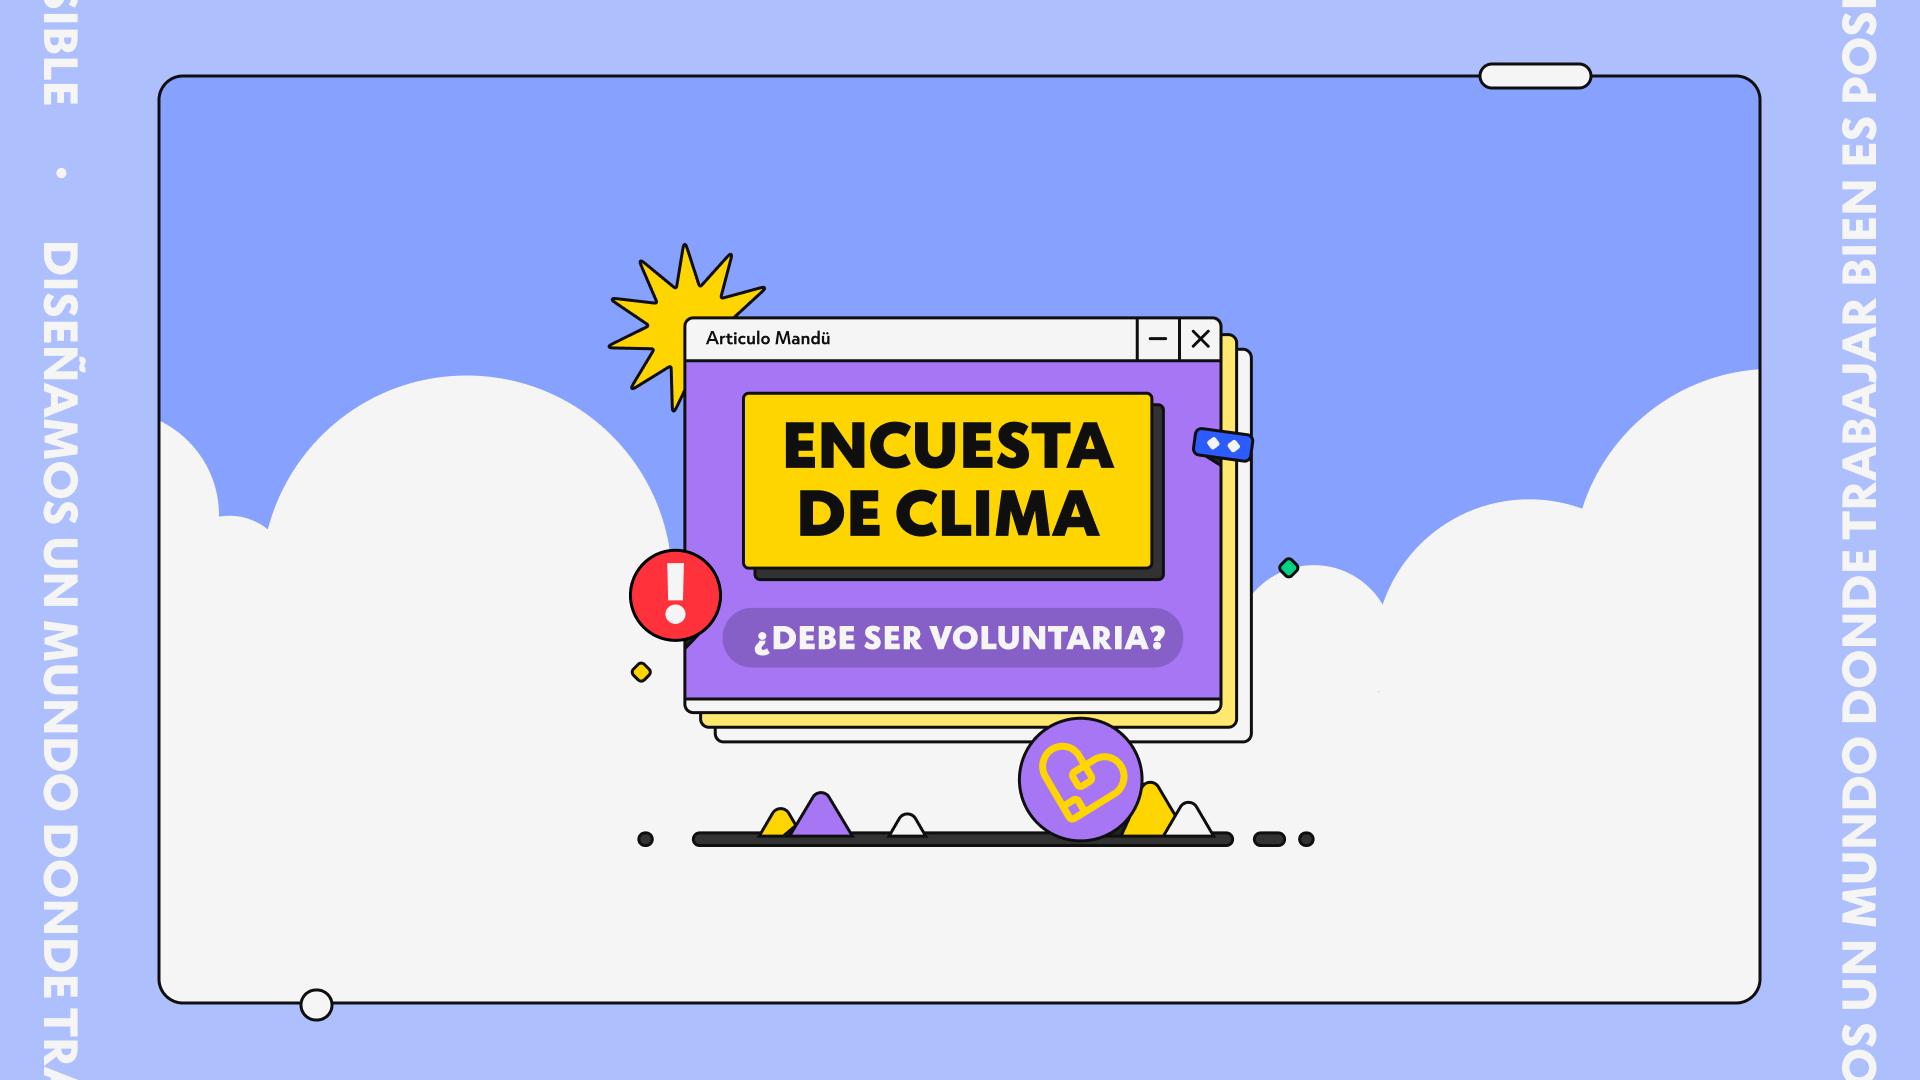 Encuesta de clima, ¿debe ser voluntaria?